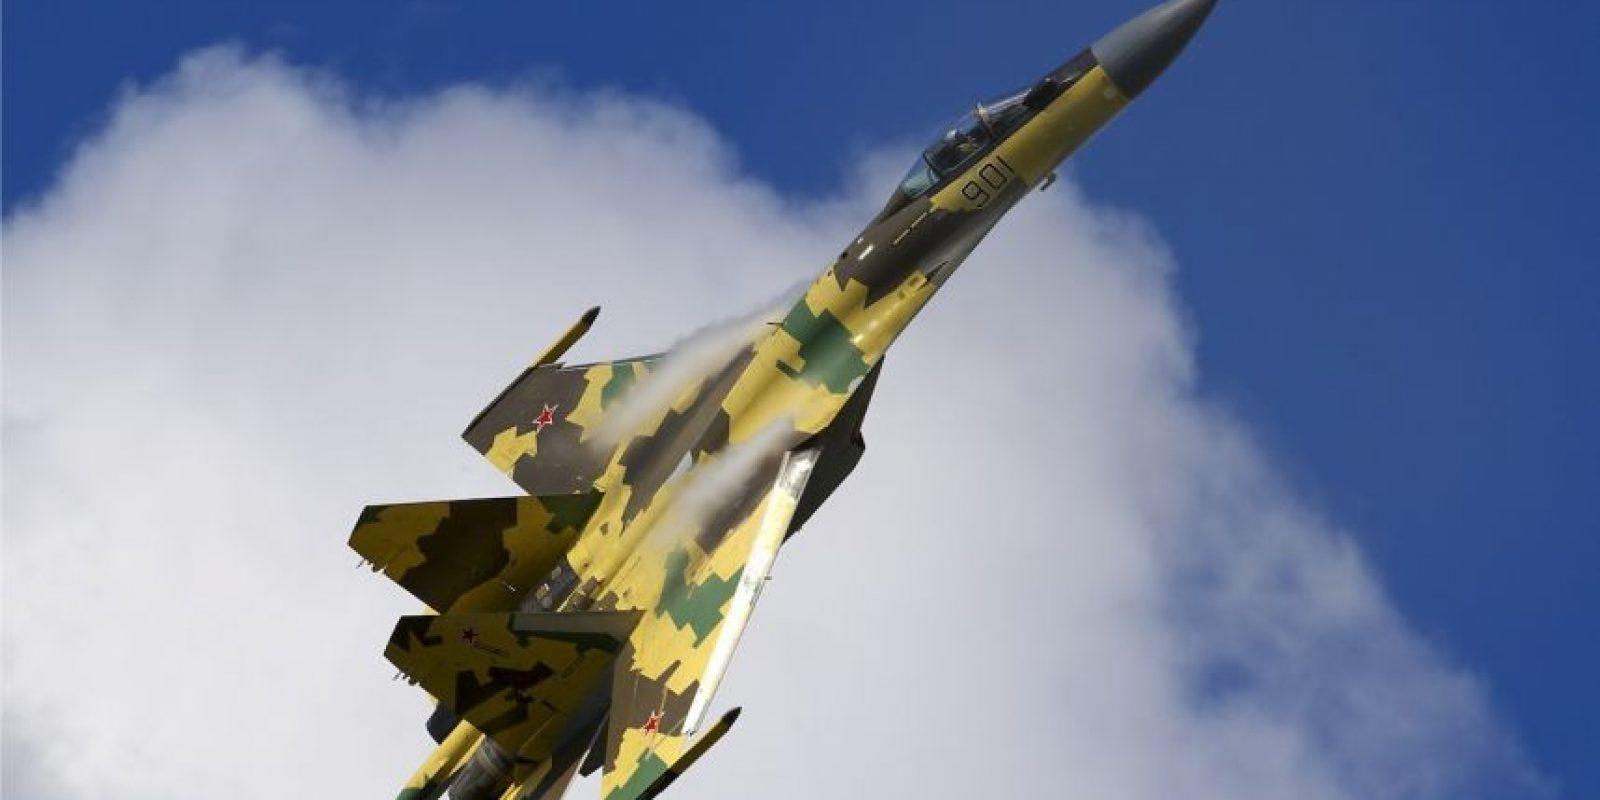 10. Sukhoi Su-35 Flanker-E. Velocidad máxima de Mach 2,25 (2.756,3 km/h) Foto:Wikimedia